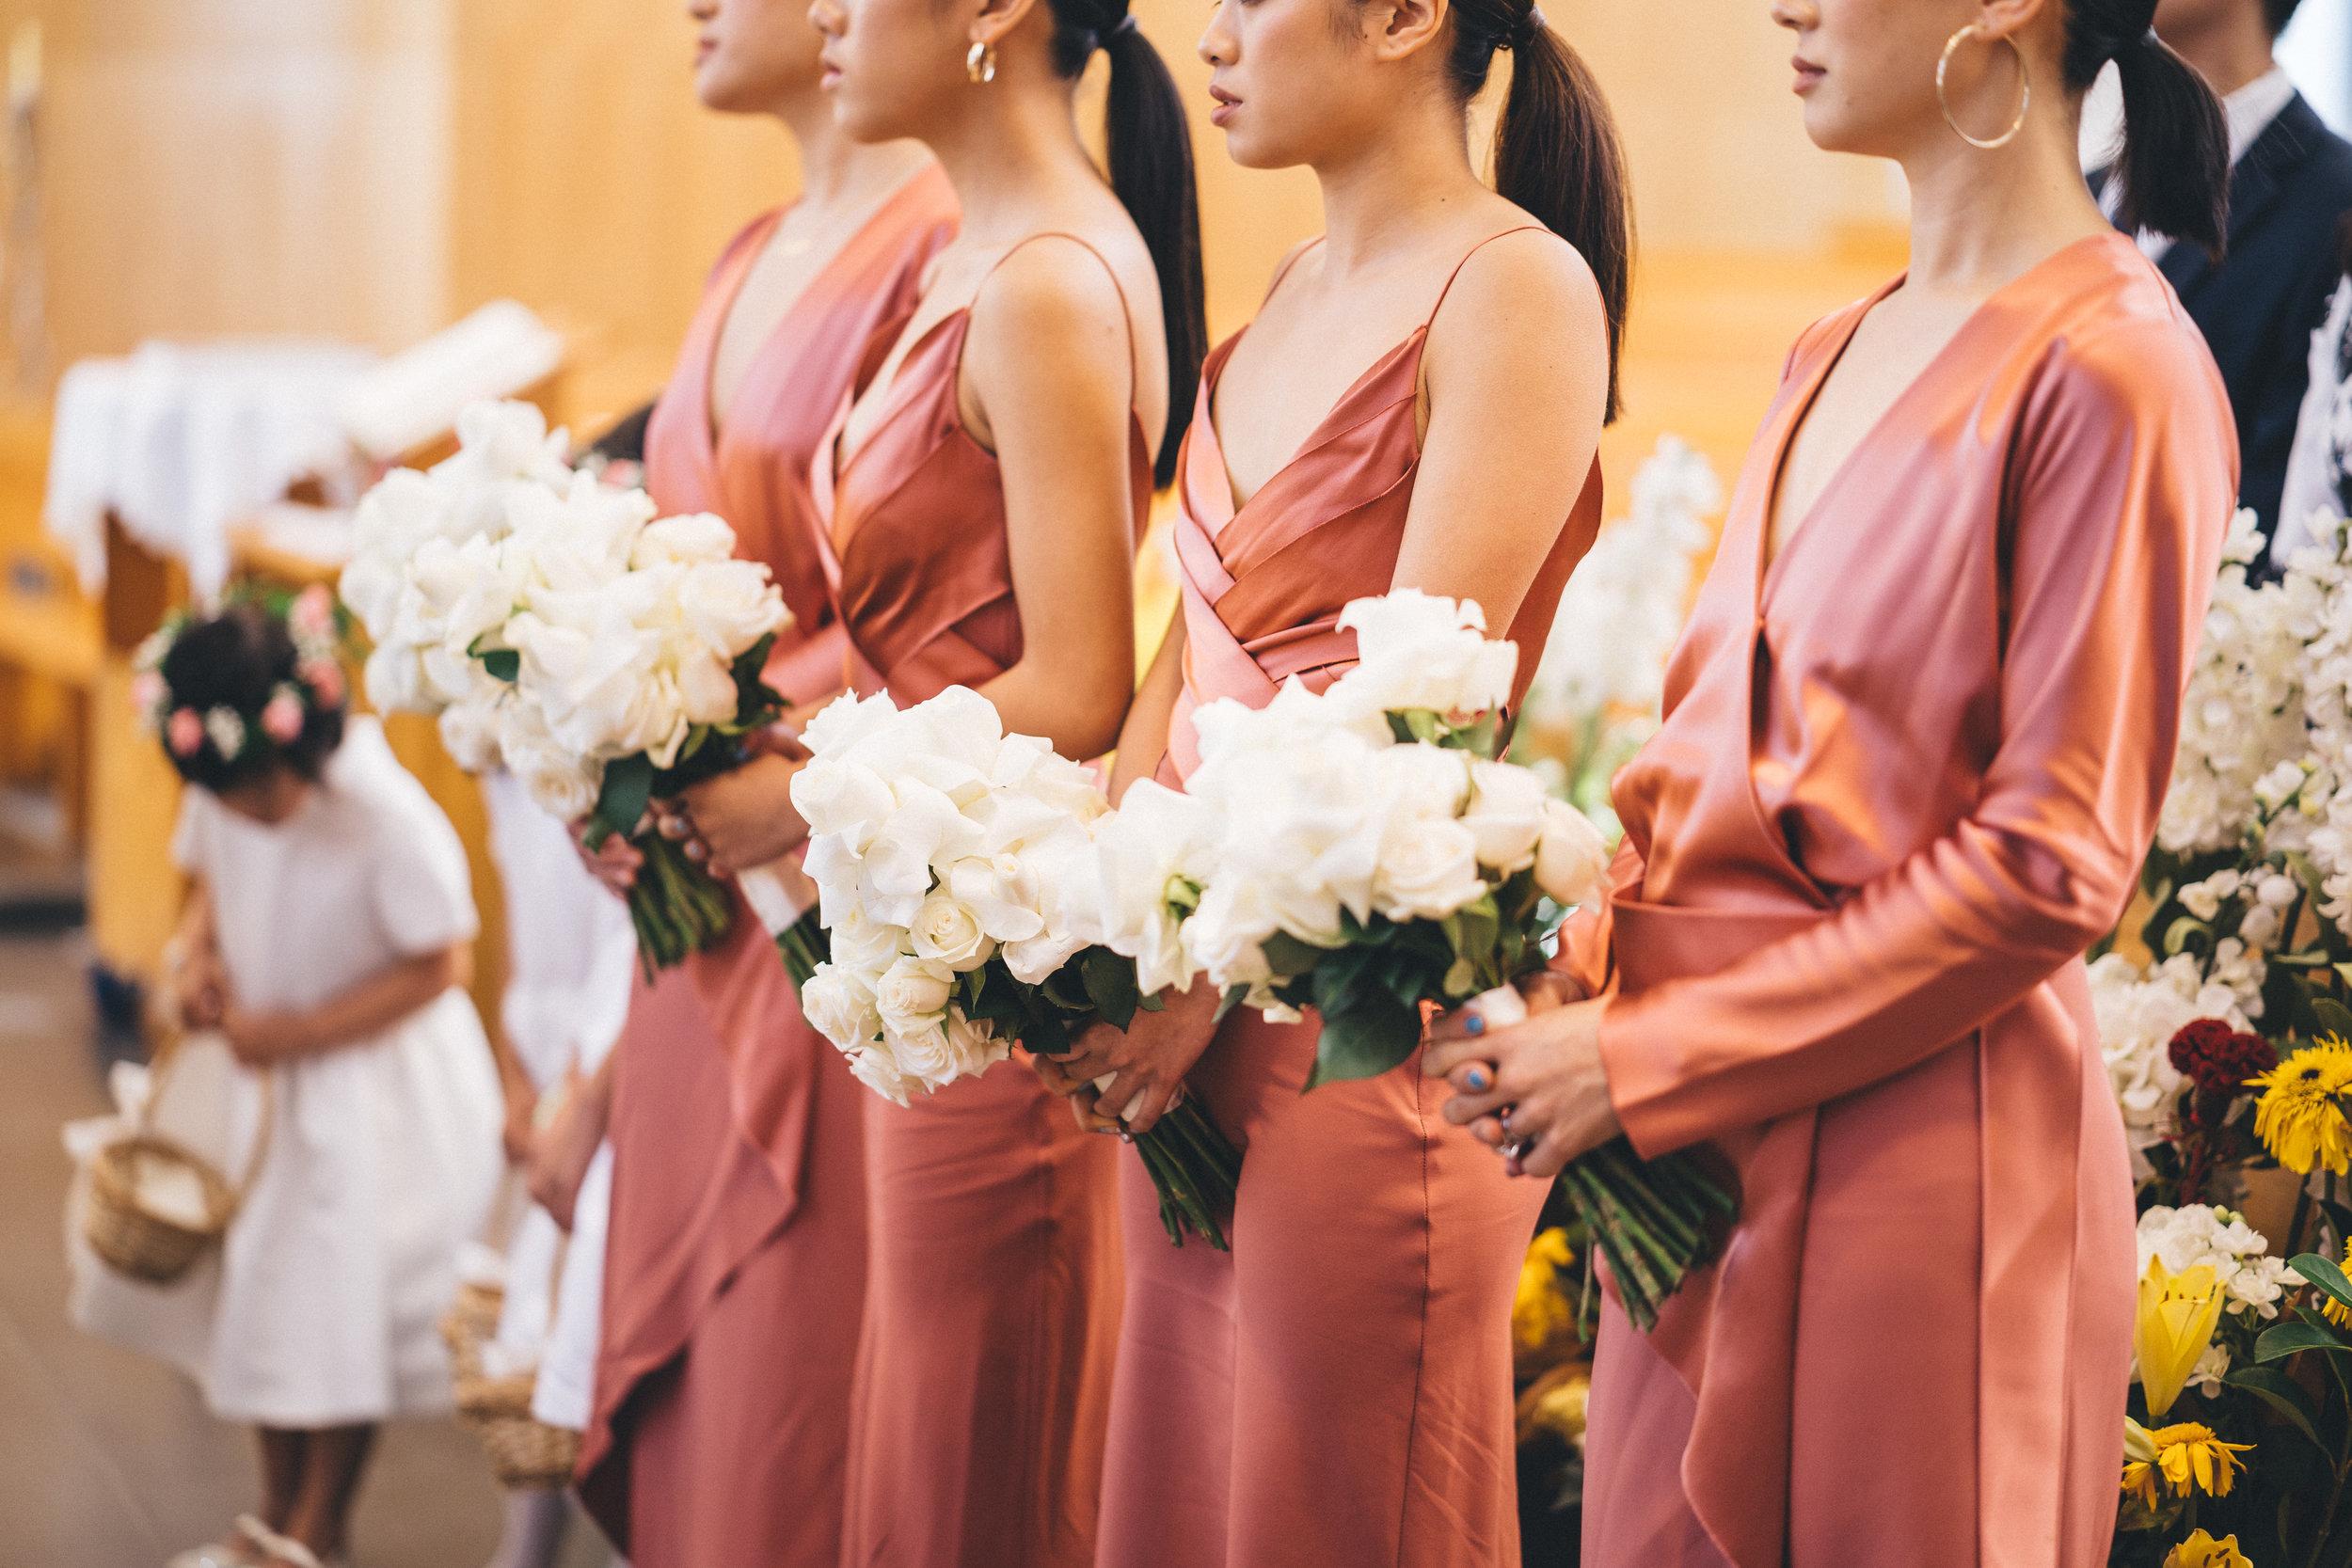 Annabelle-Phong-Wedding-HI-RES-0205.jpg